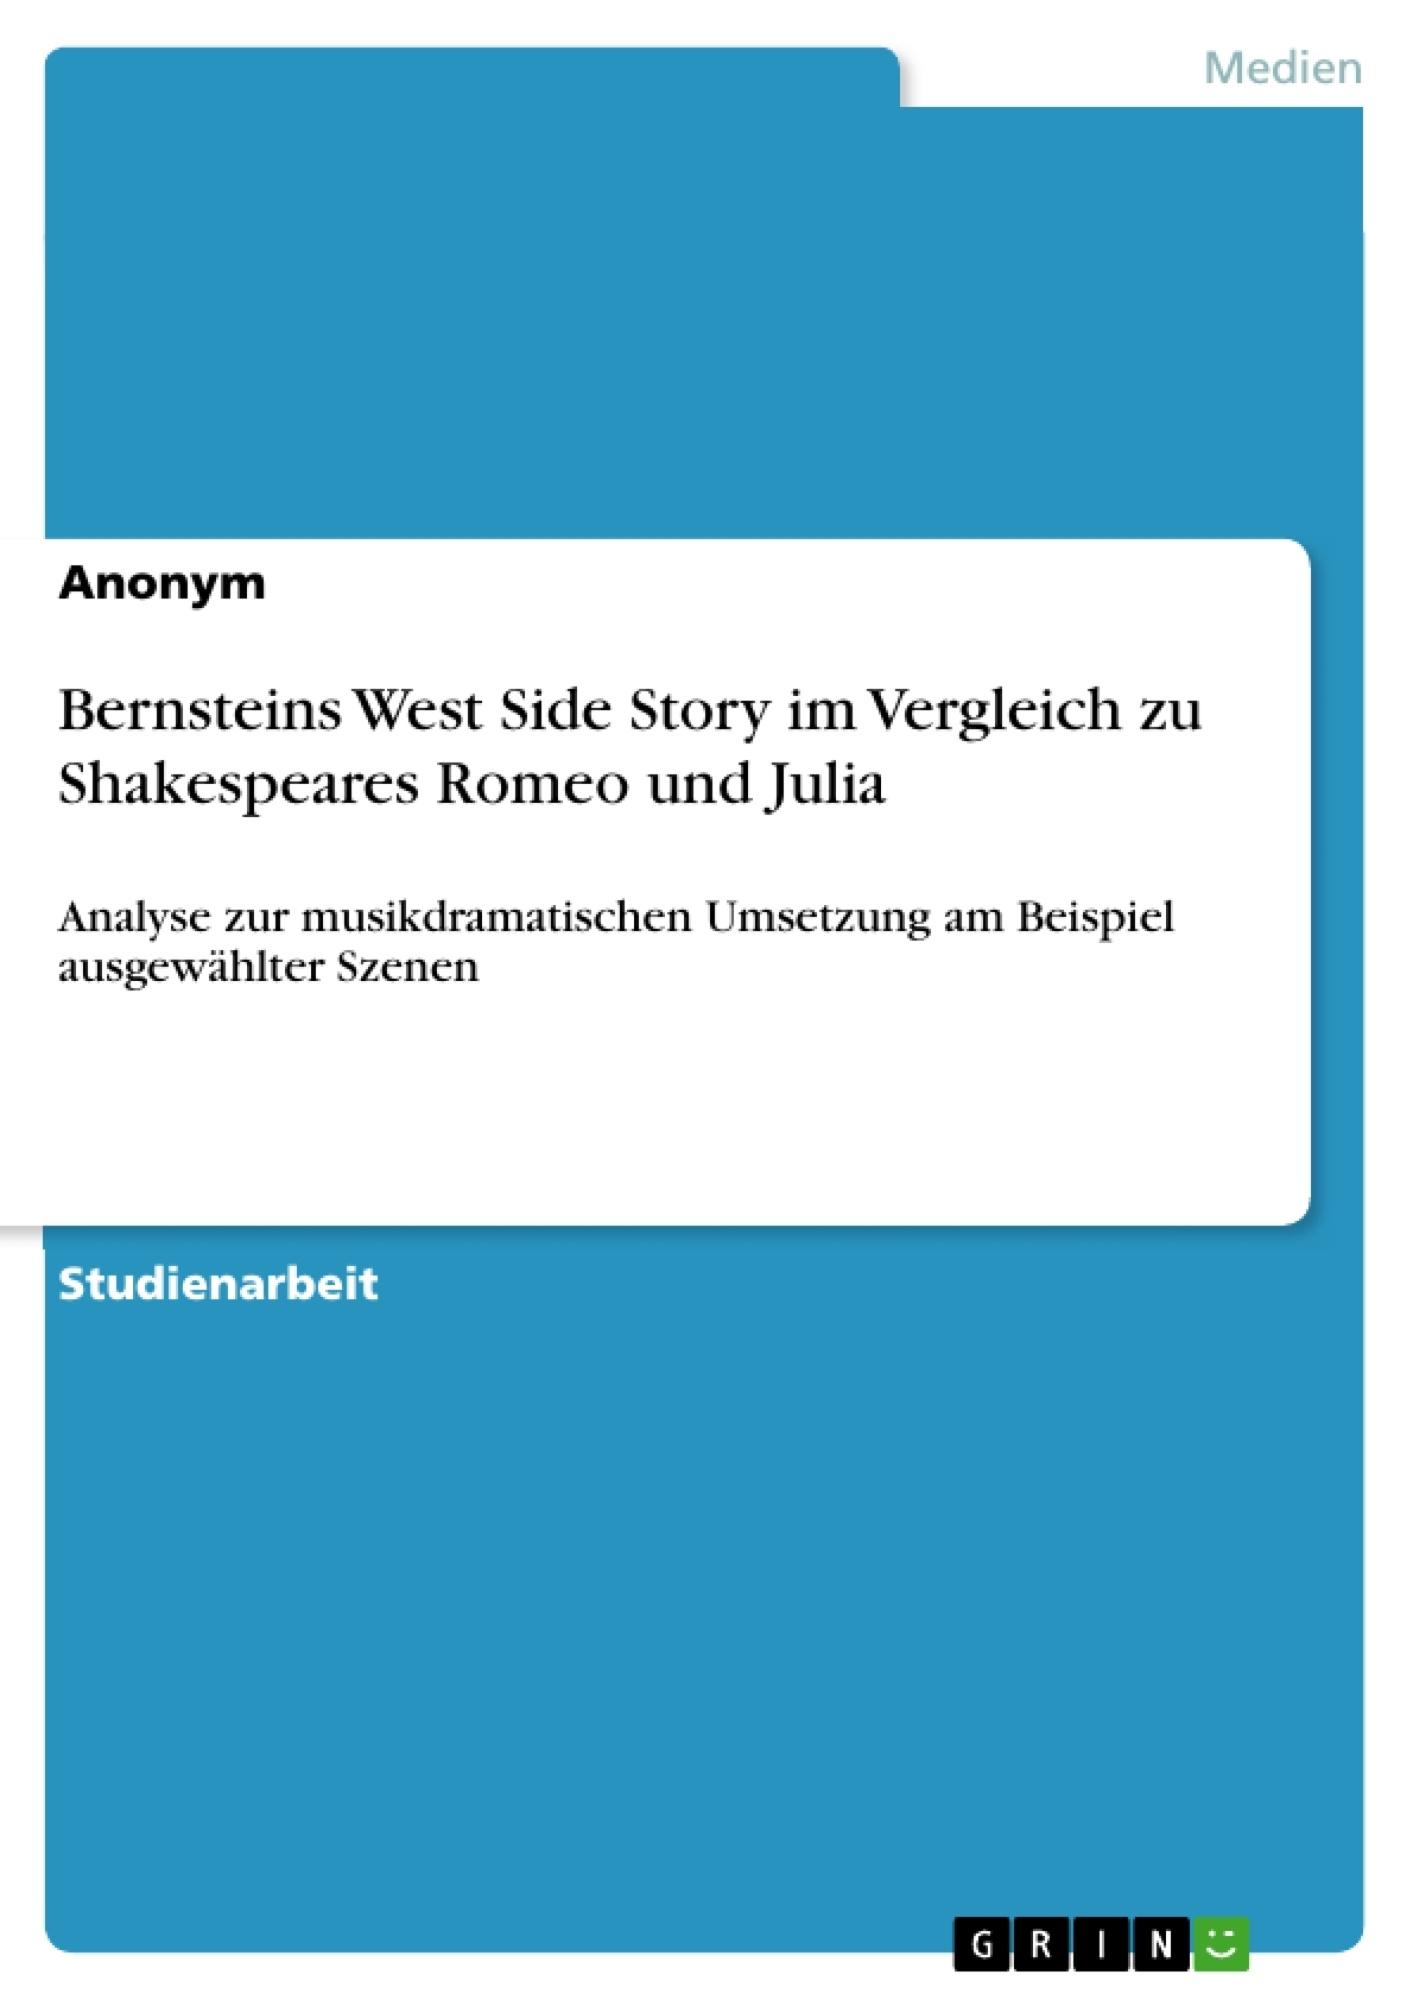 Titel: Bernsteins West Side Story im Vergleich zu Shakespeares Romeo und Julia